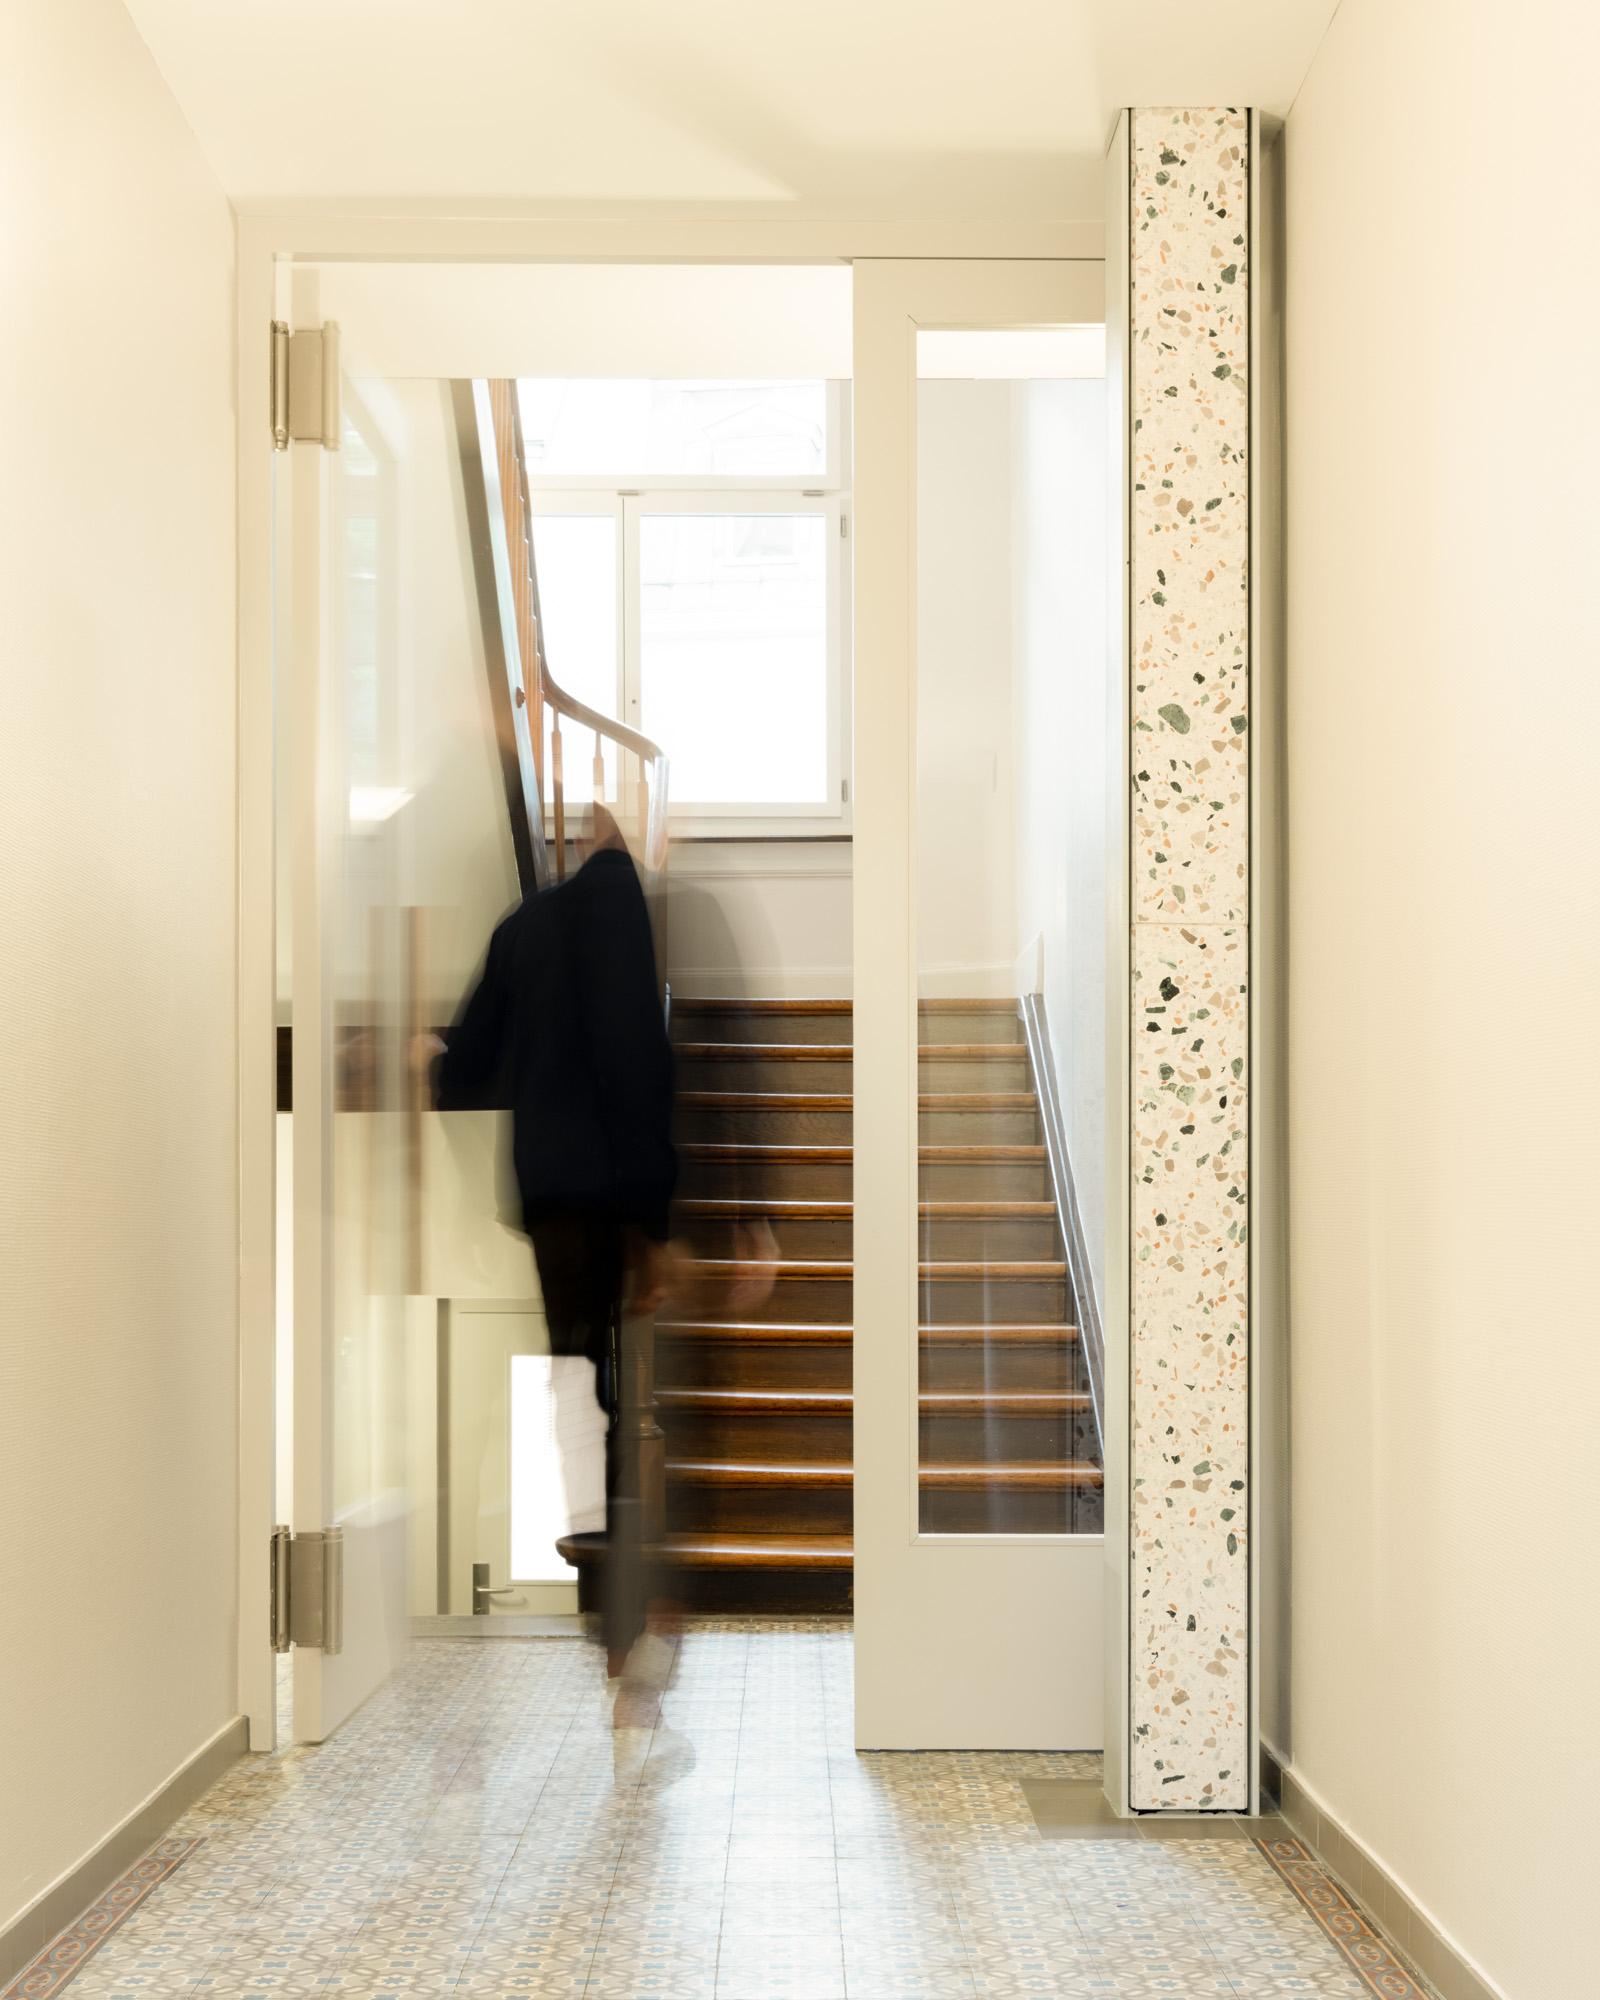 Umbau Wohnhaus Zürich: Eingangshalle (Bild Mikael Blomfelt)